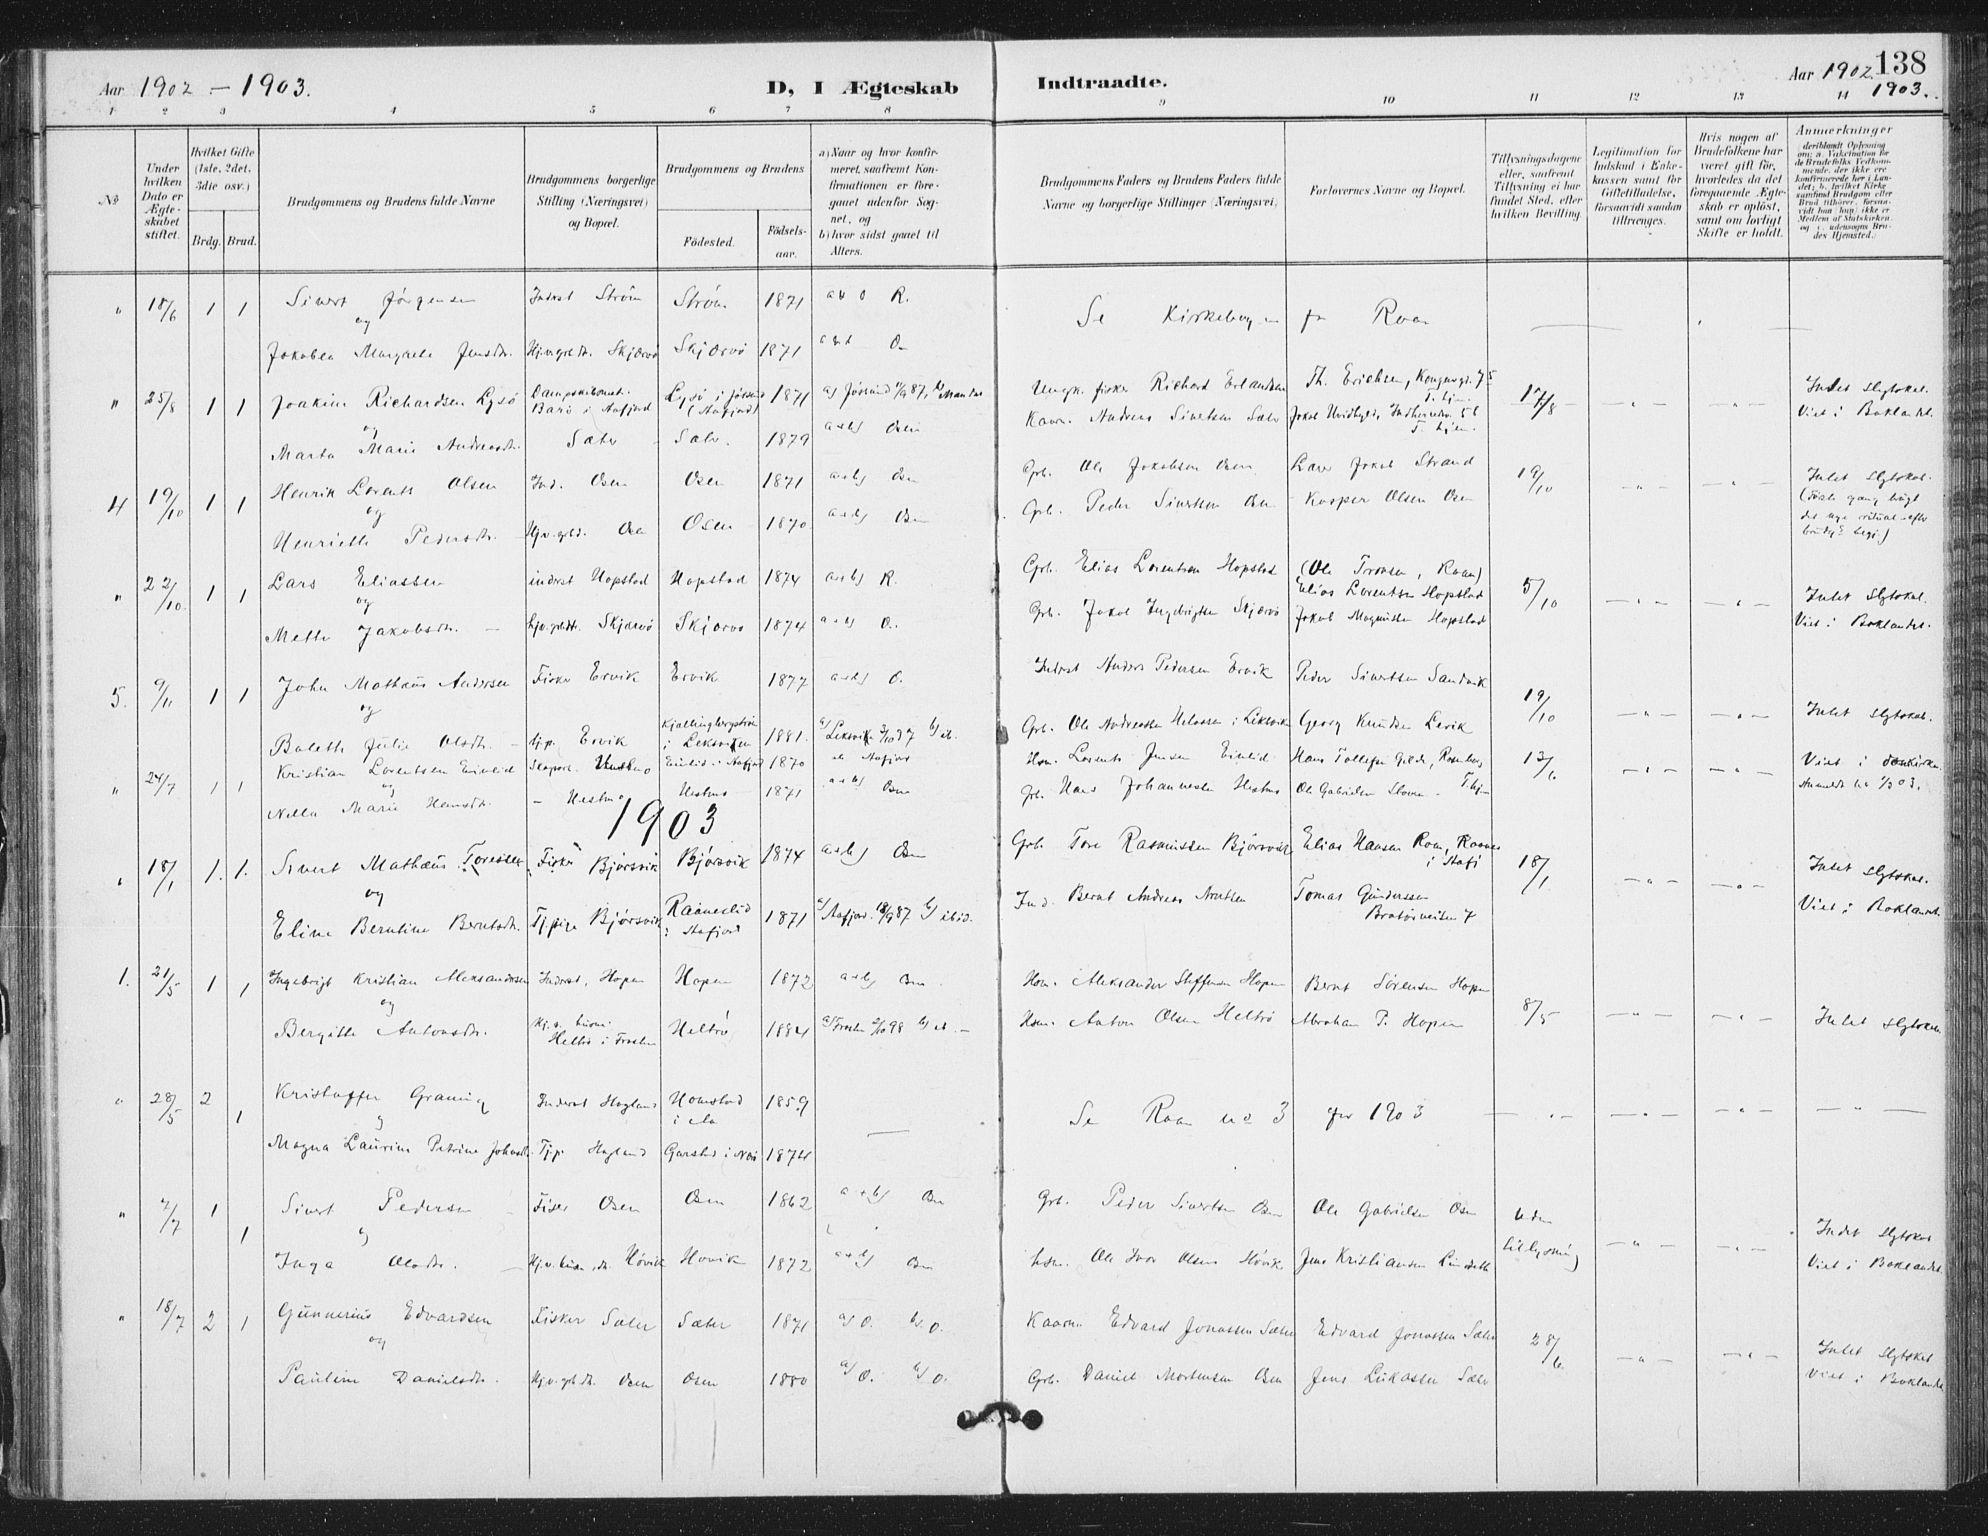 SAT, Ministerialprotokoller, klokkerbøker og fødselsregistre - Sør-Trøndelag, 658/L0723: Ministerialbok nr. 658A02, 1897-1912, s. 138